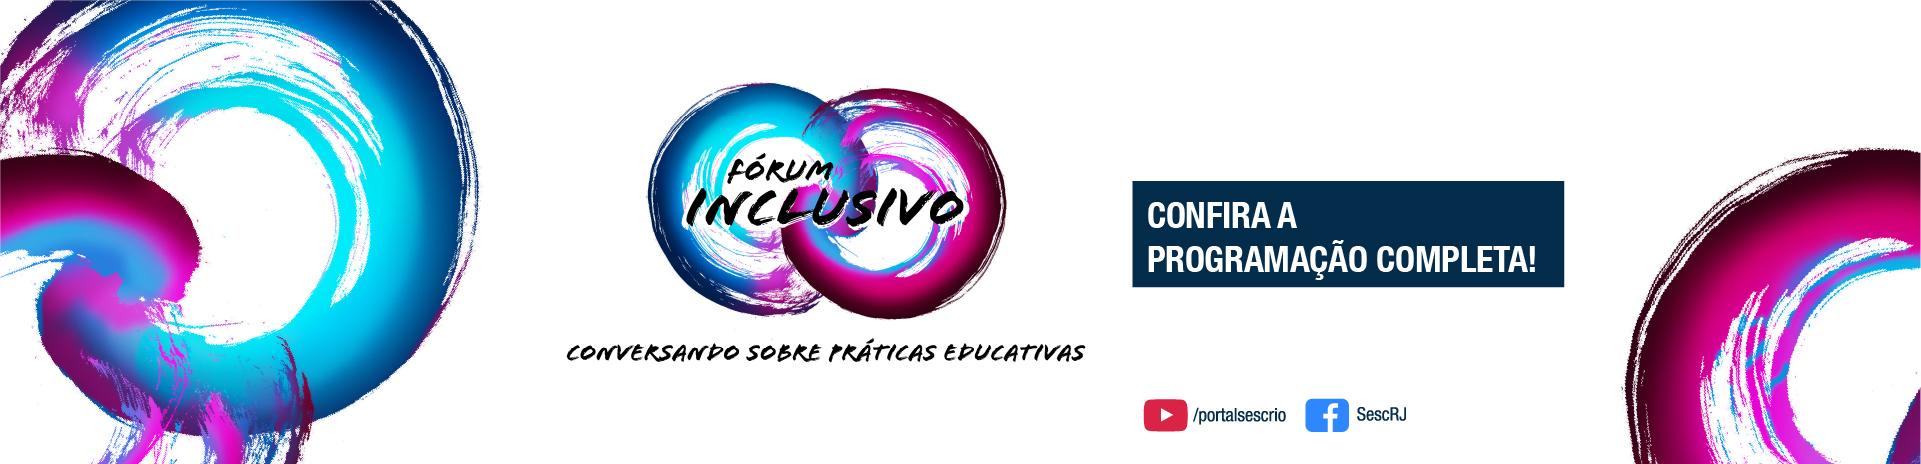 fórum inclusivo